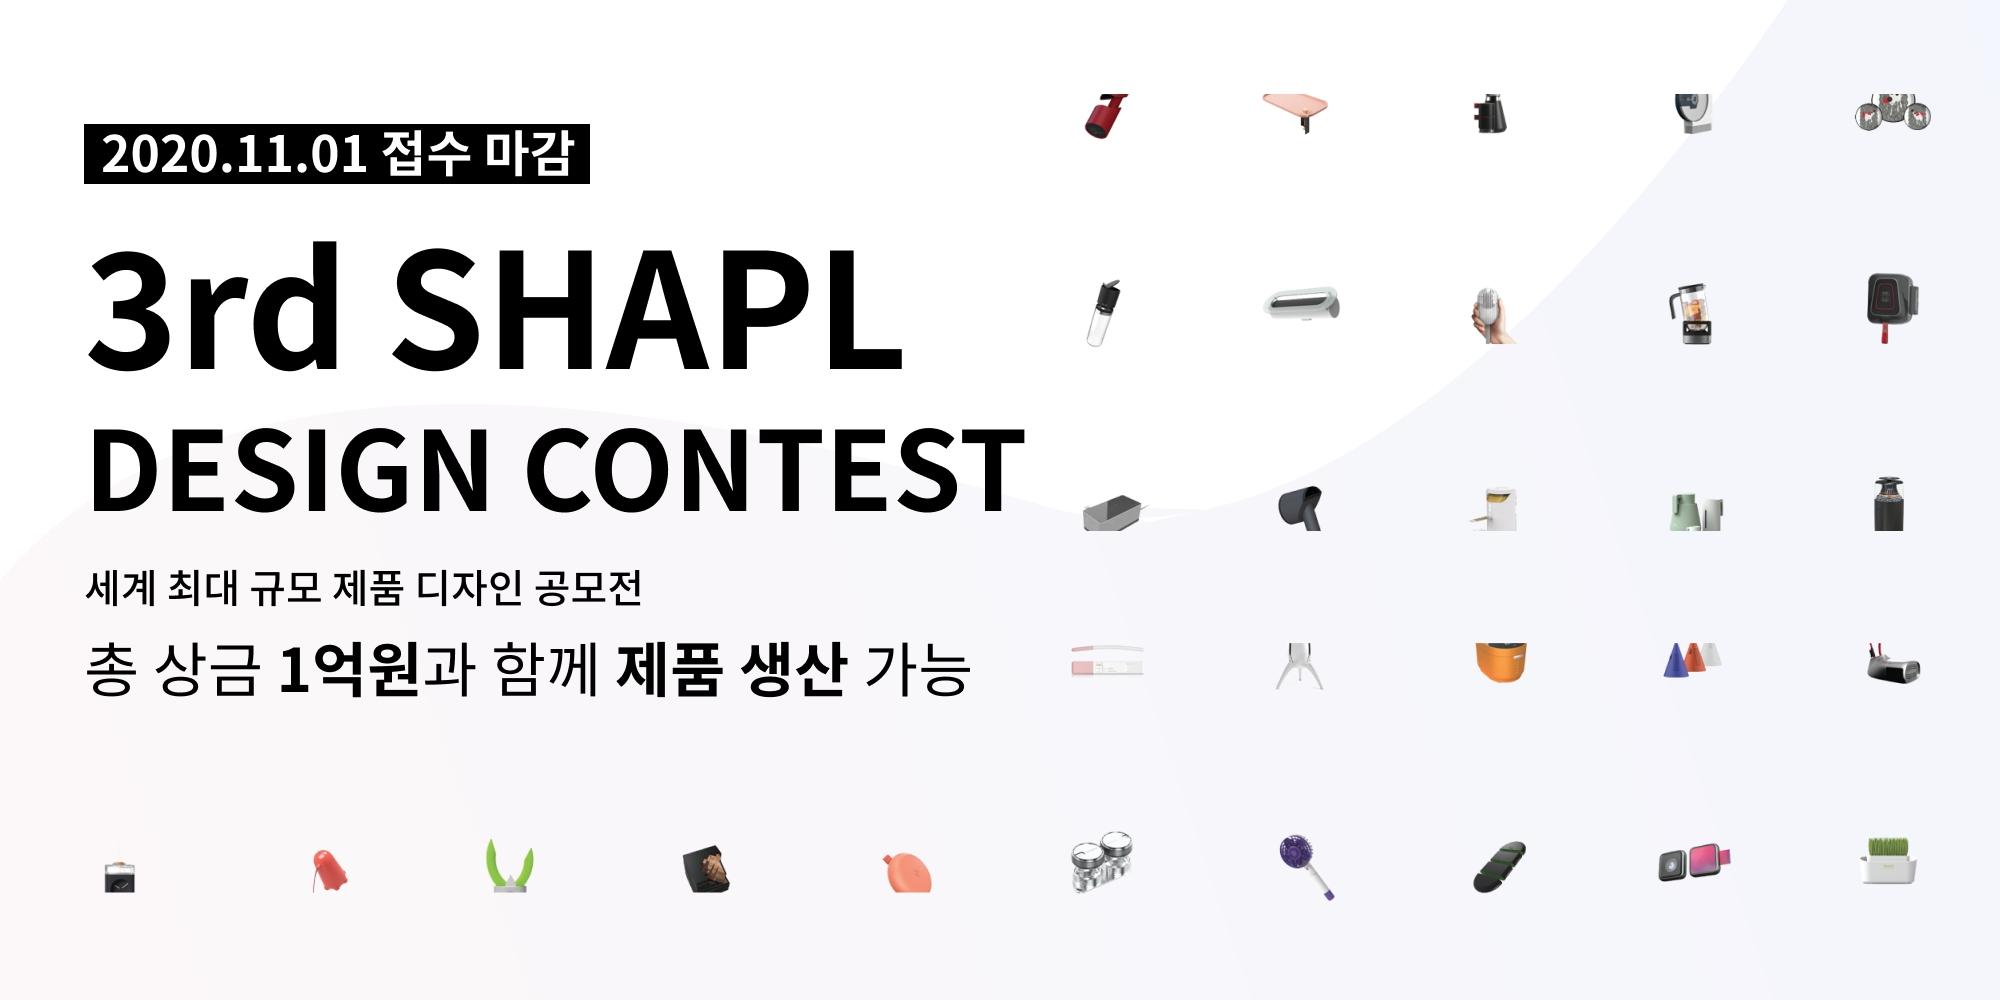 샤플, 세계 최대 제품디자인 공모전 '제3회 디자인 콘테스트' 개최